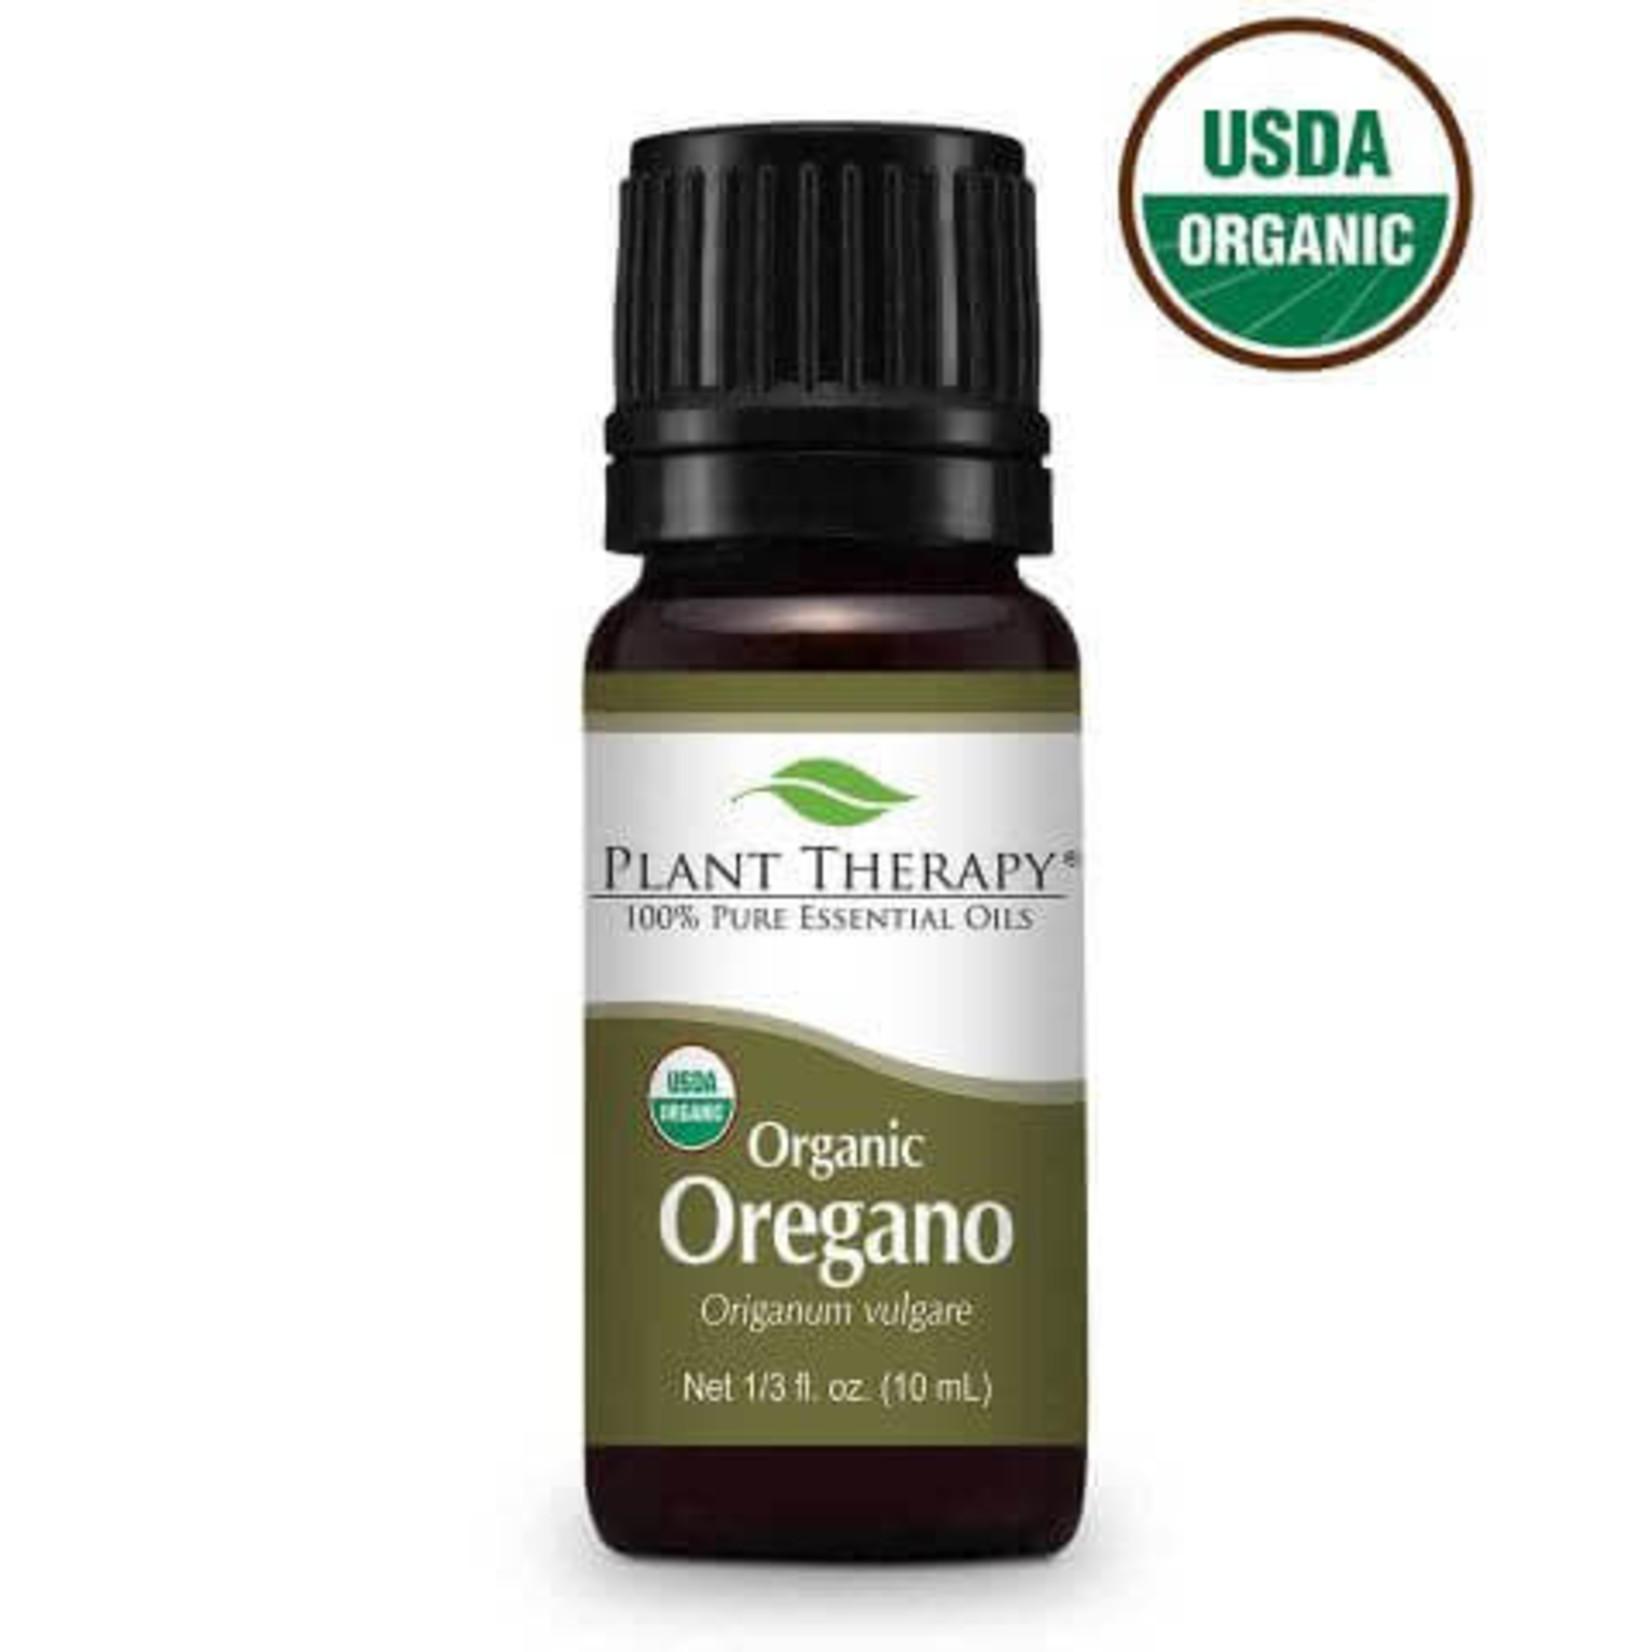 Plant Therapy PT Oregano Organic Essential Oil 10ml